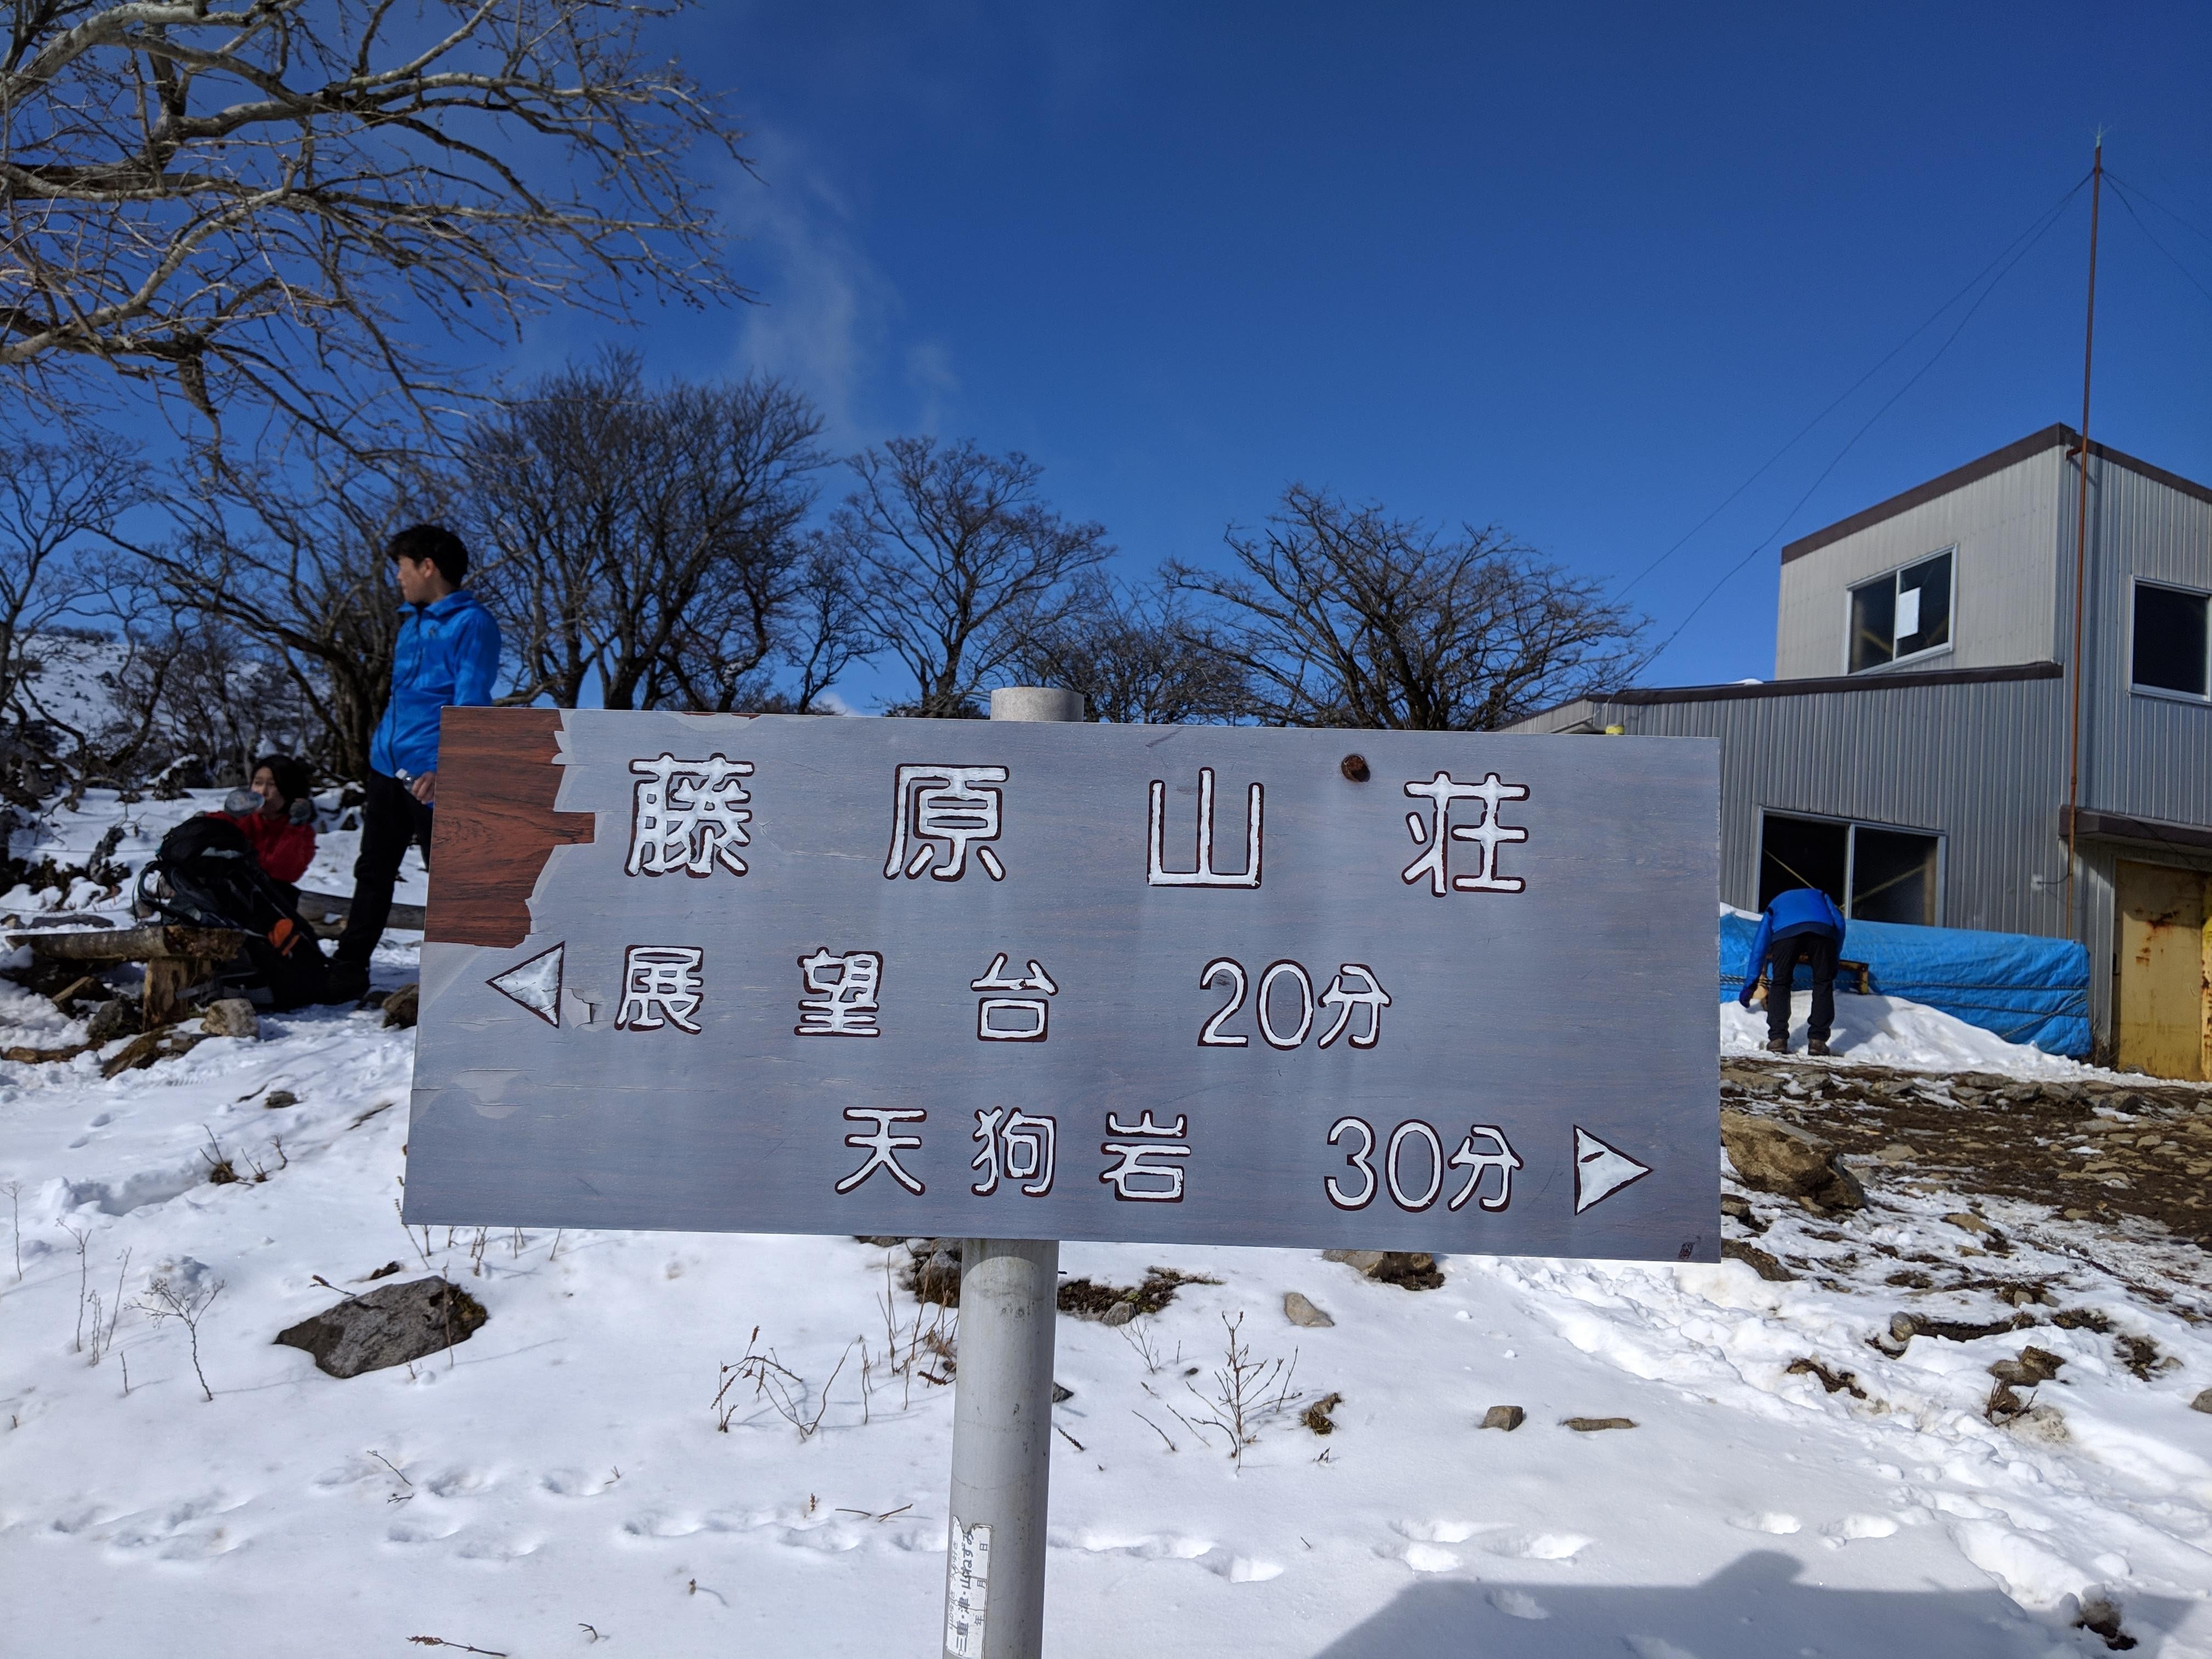 2020/2/01-02 藤原岳テント泊『ザックは重くない』と言いたいが